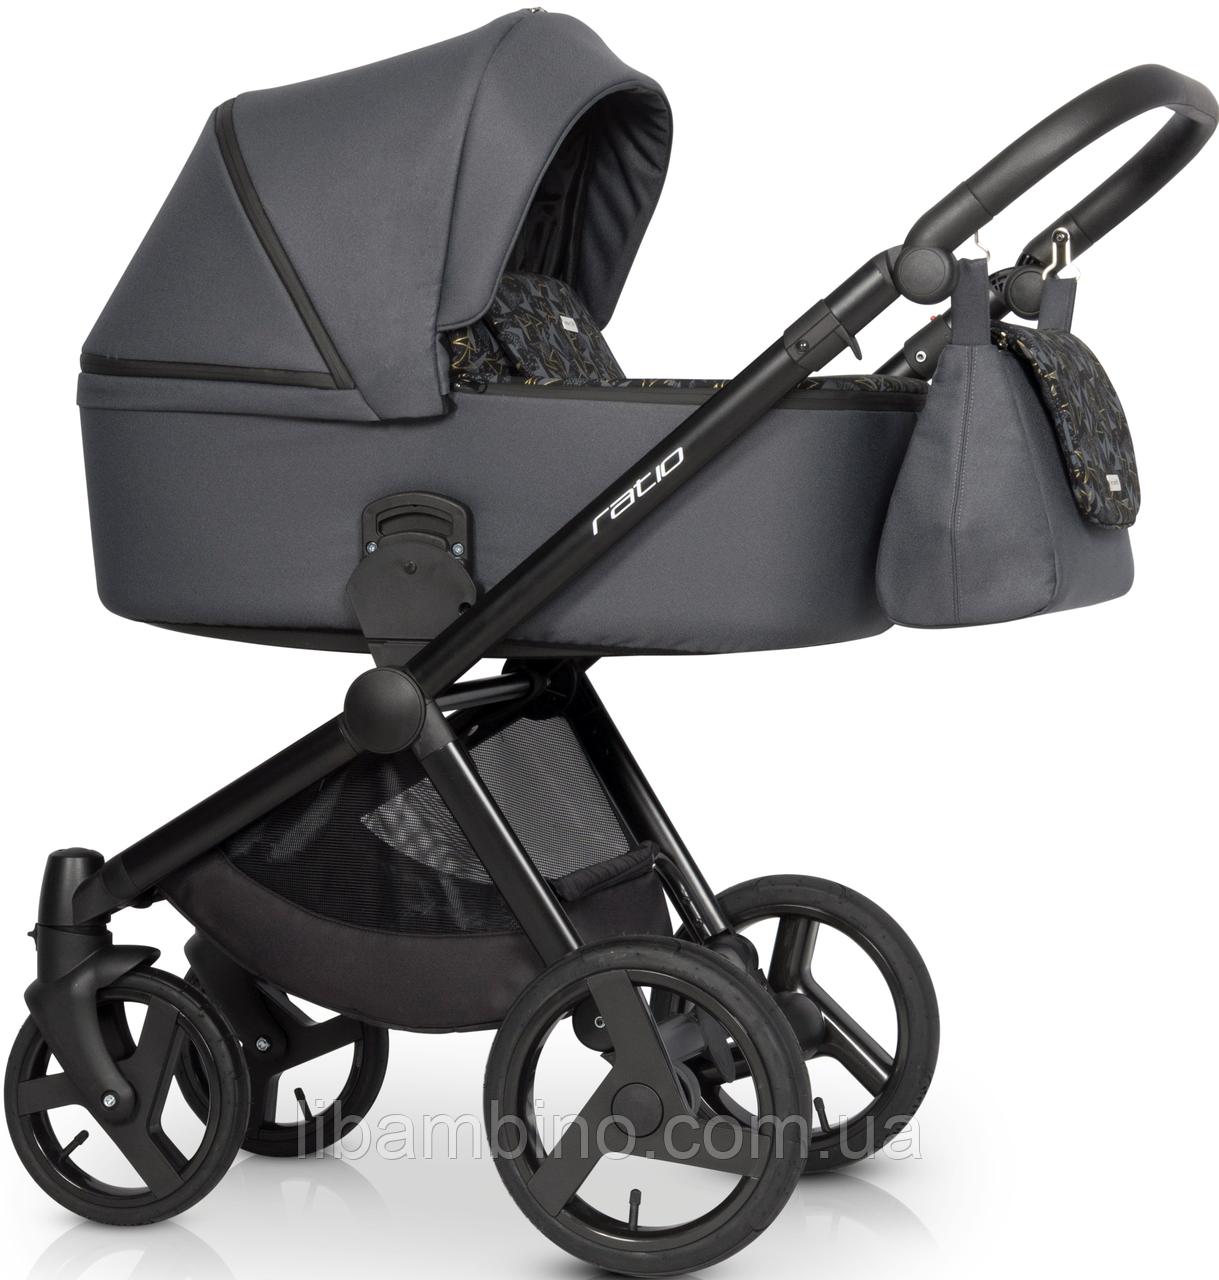 Дитяча універсальна коляска 2 в 1 Expander Ratio 04